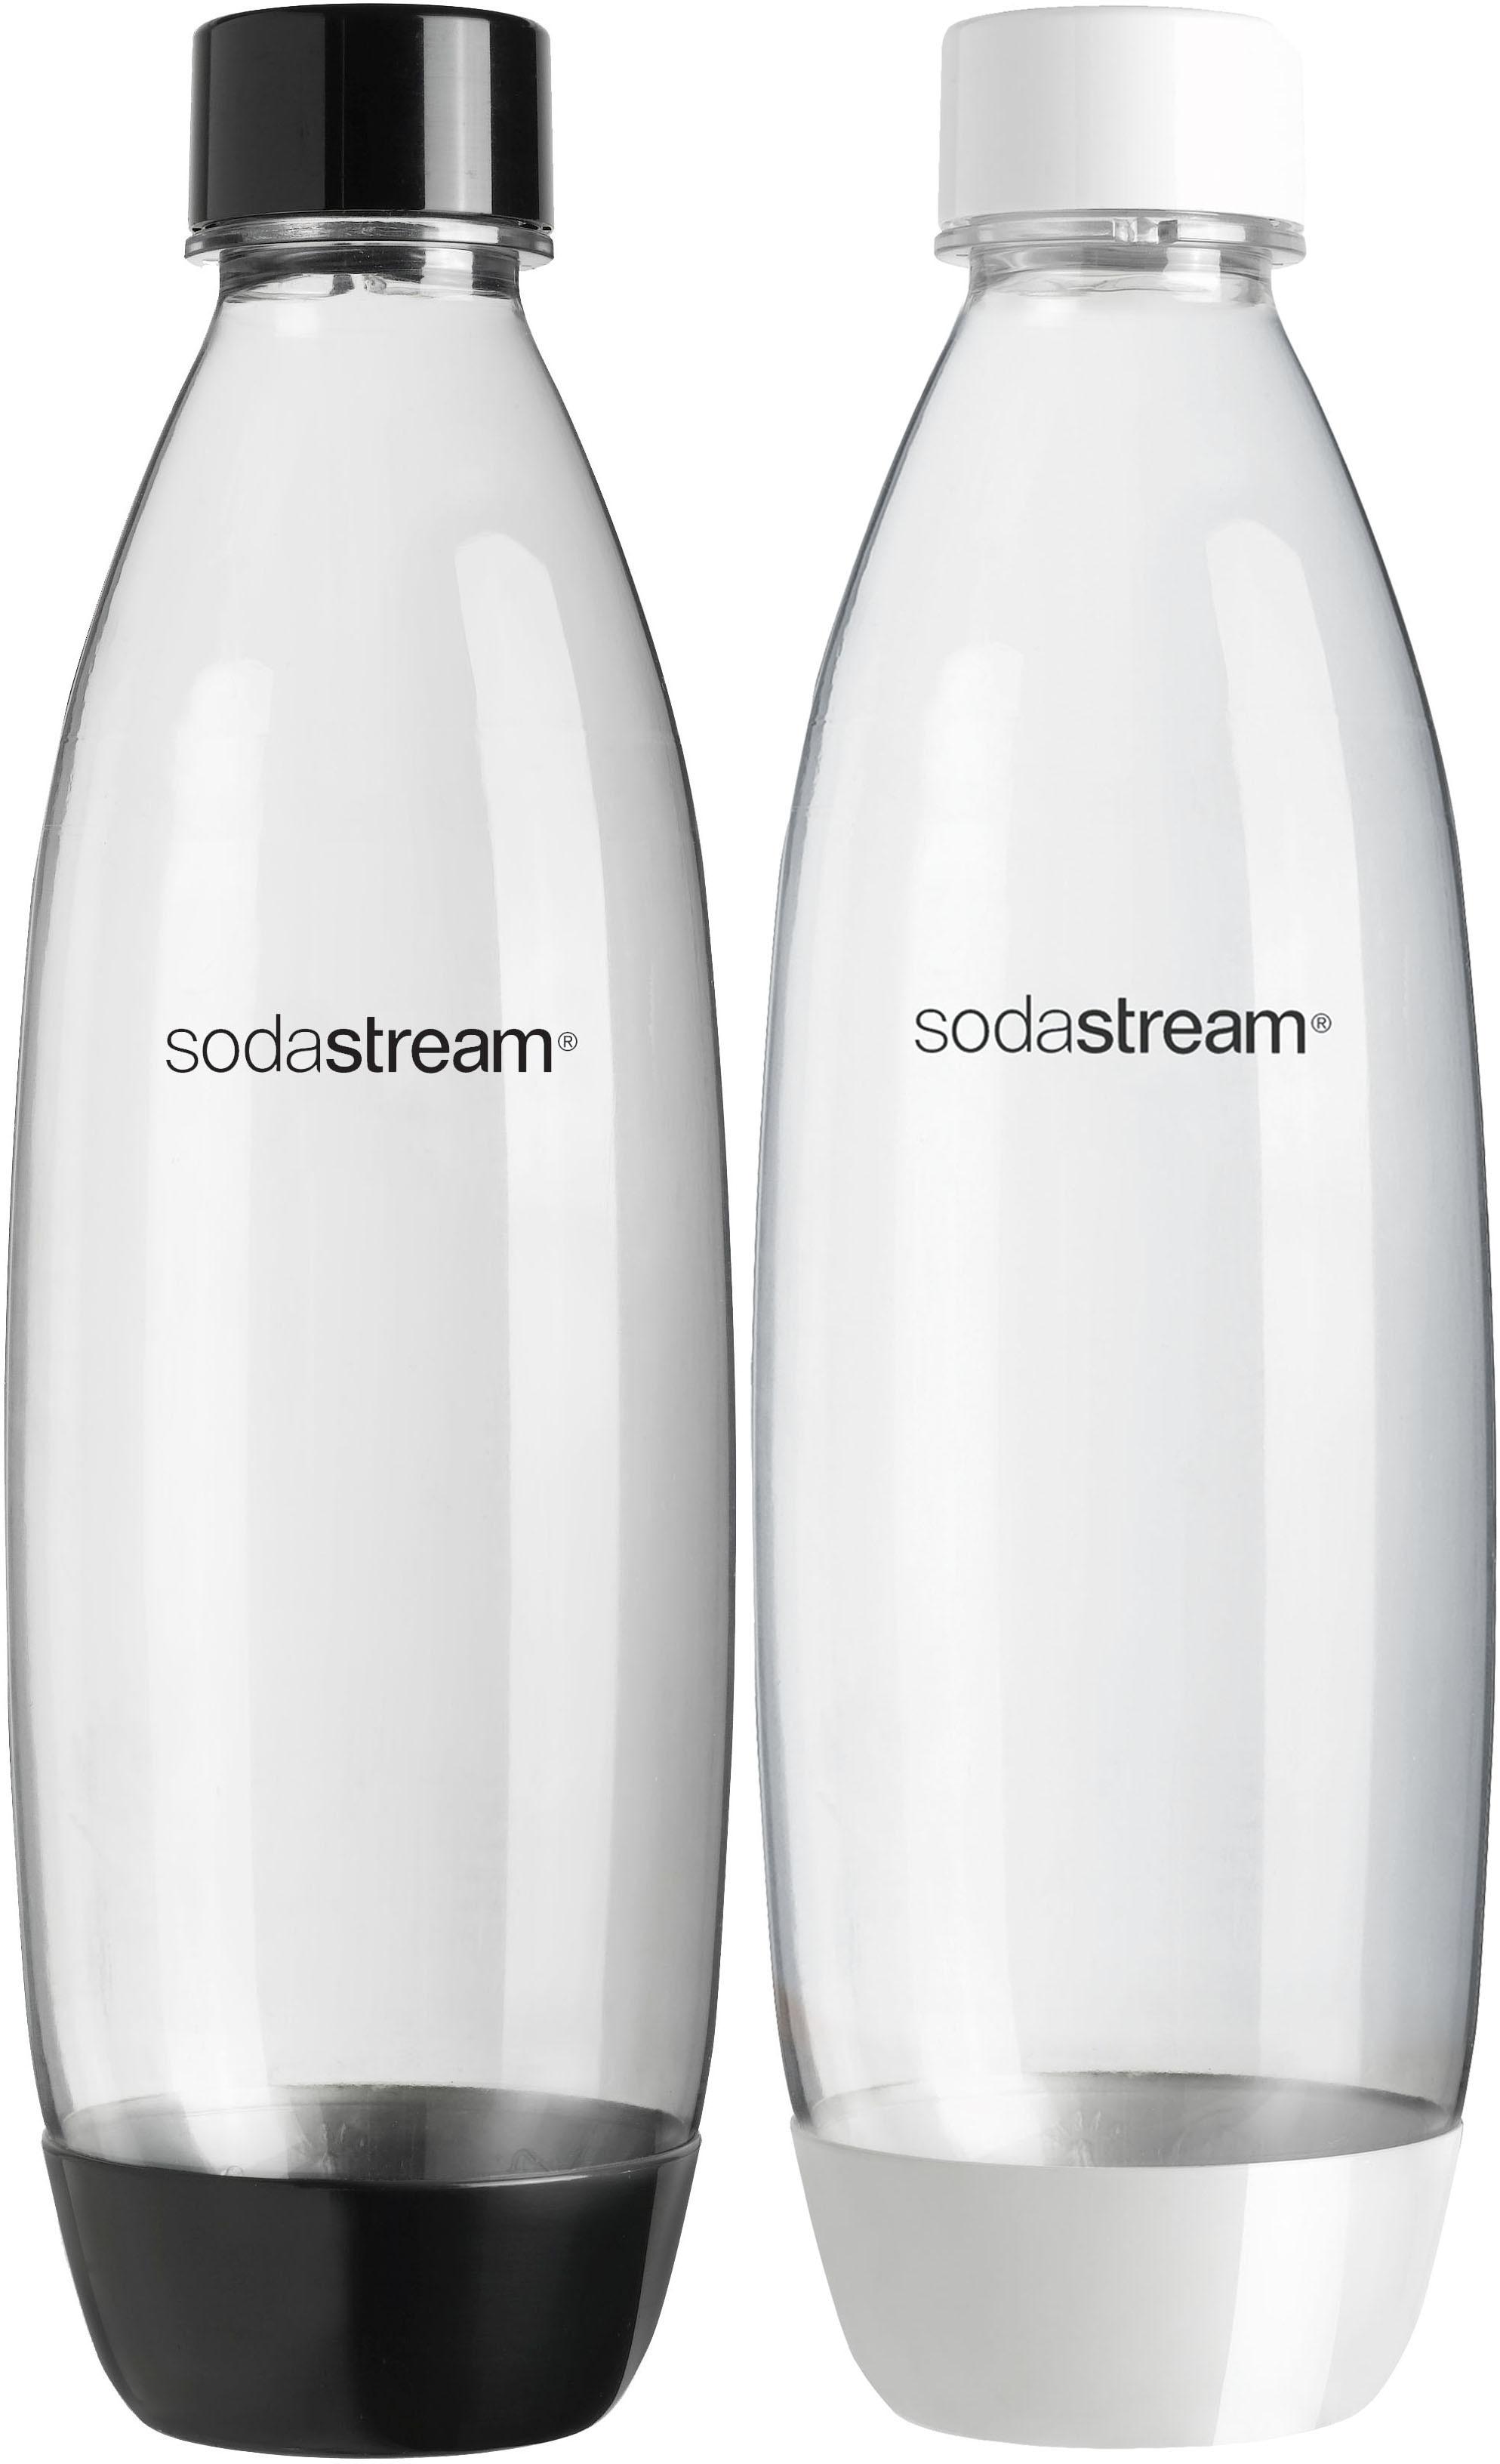 SodaStream Wasserkaraffe (2-tlg.) farblos Sodastream Küchenkleingeräte Haushaltsgeräte Karaffen